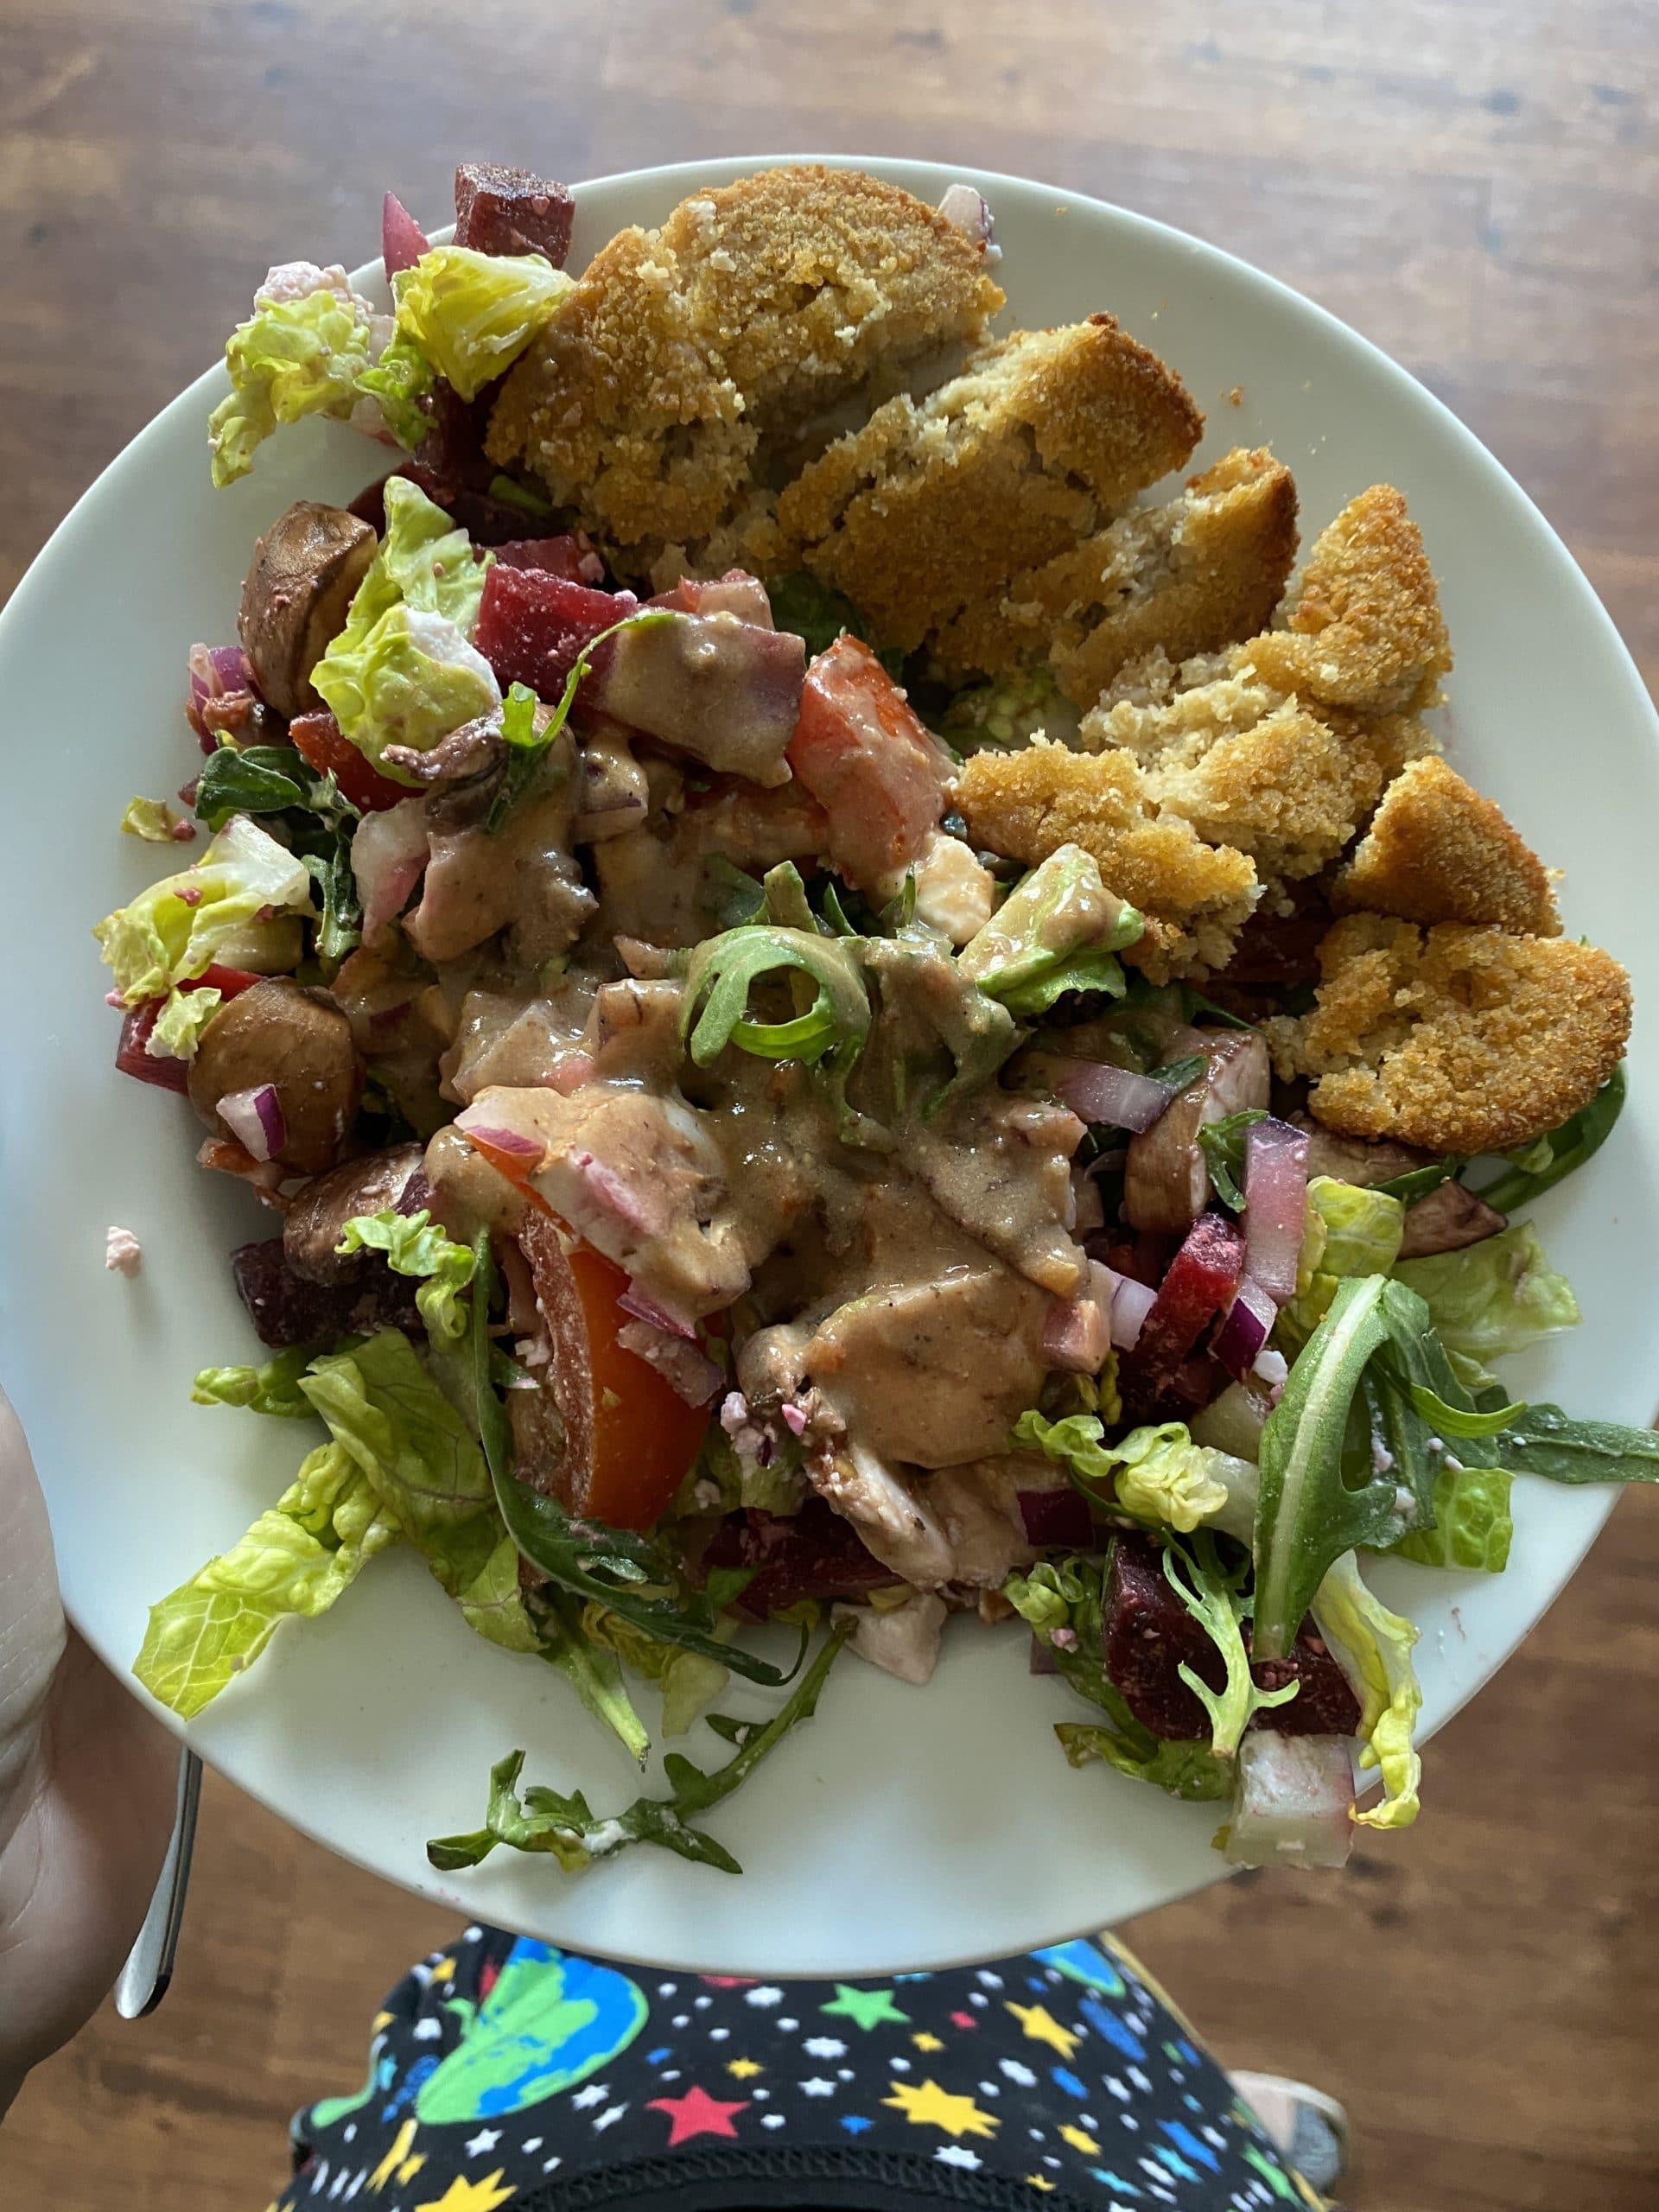 Zum Mittag gibt es Salat und veganes Schnitzel. Sehr lecker!